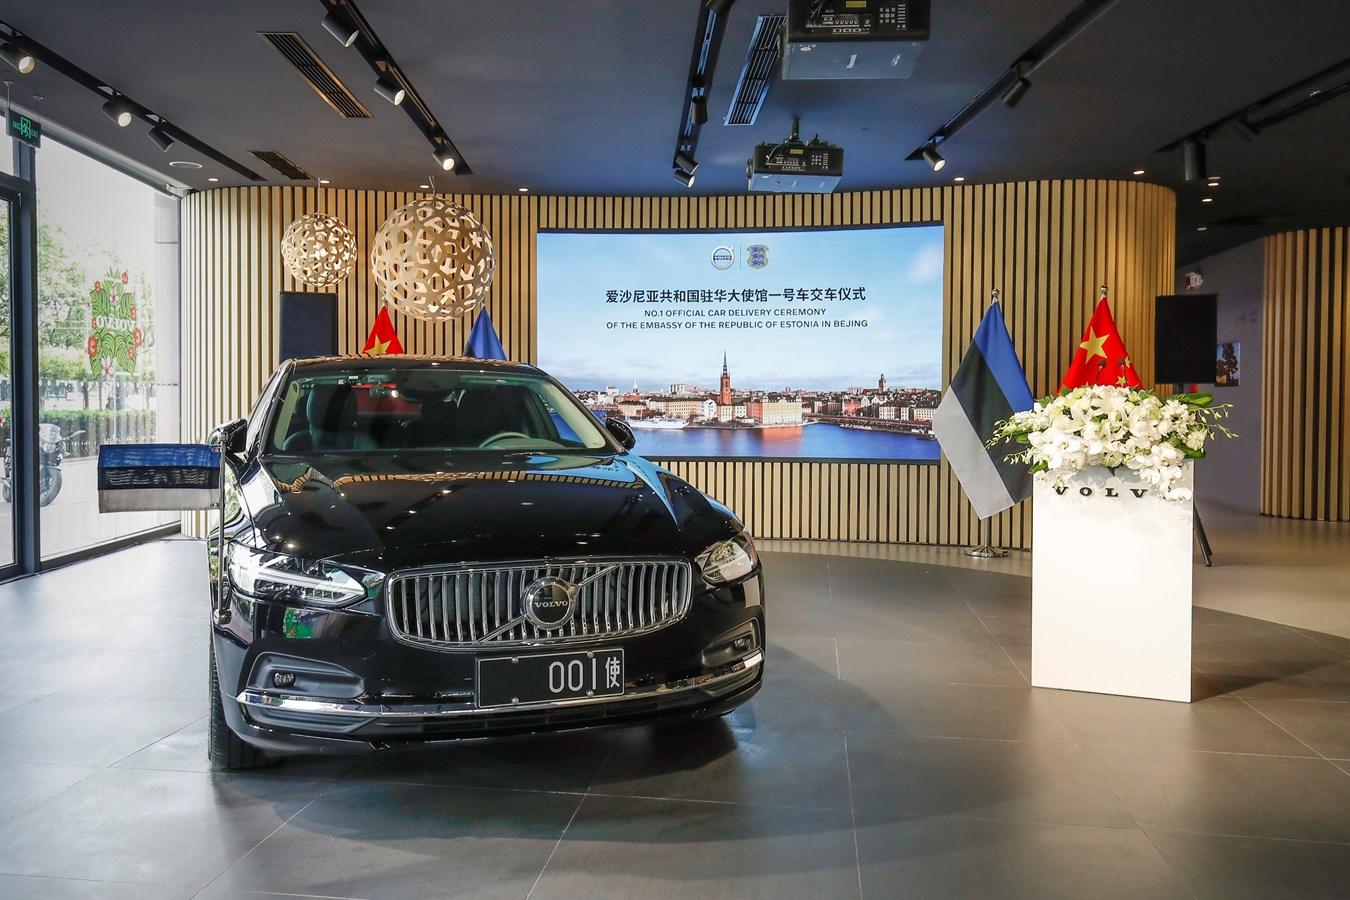 沃尔沃汽车为多国的驻华使节提供安全、舒适、健康的出行服务